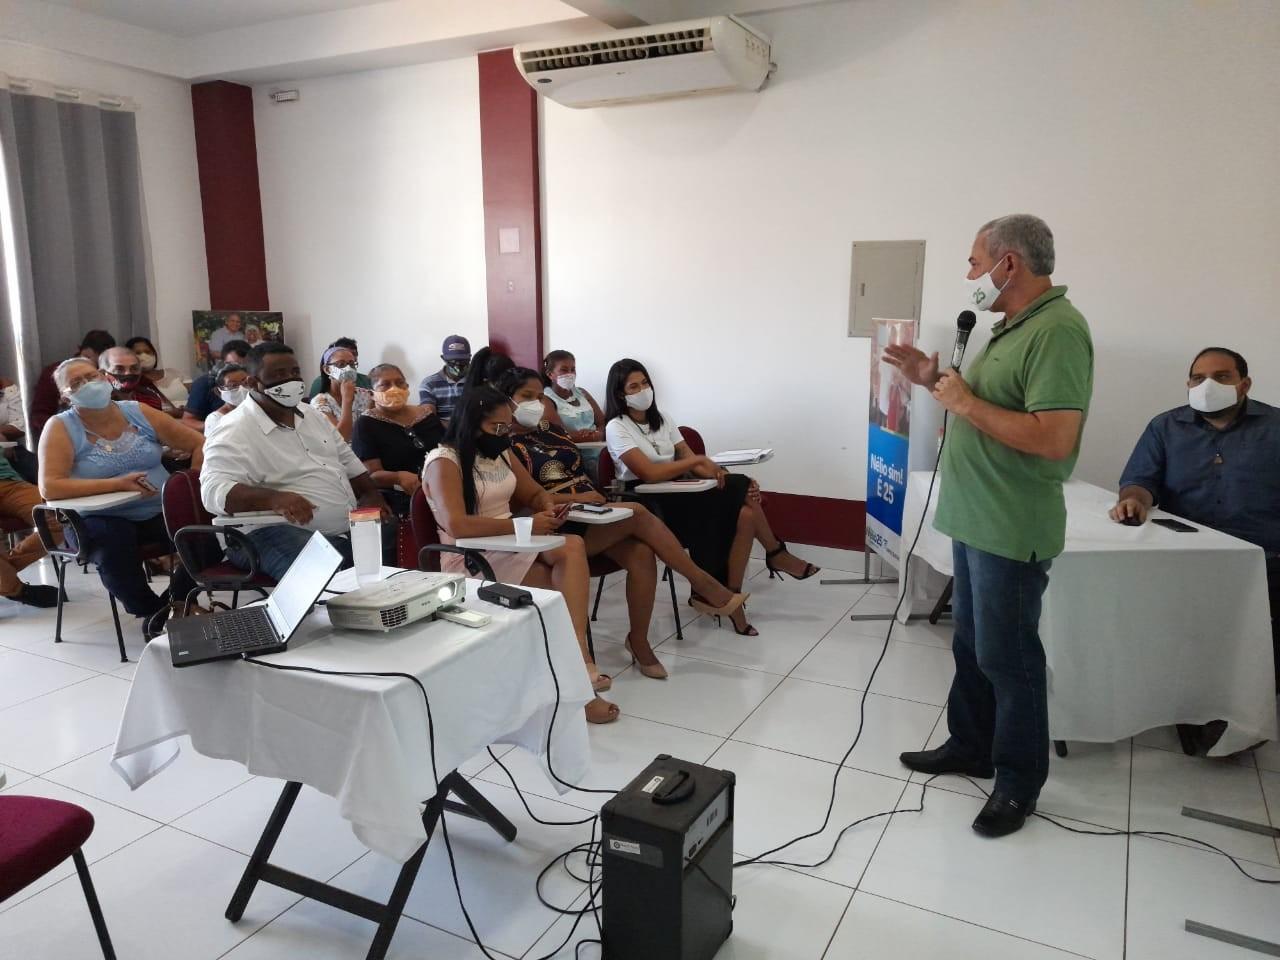 Prefeito Nélio Aguiar segue internado no Hospital Regional do Baixo Amazonas, sem complicações